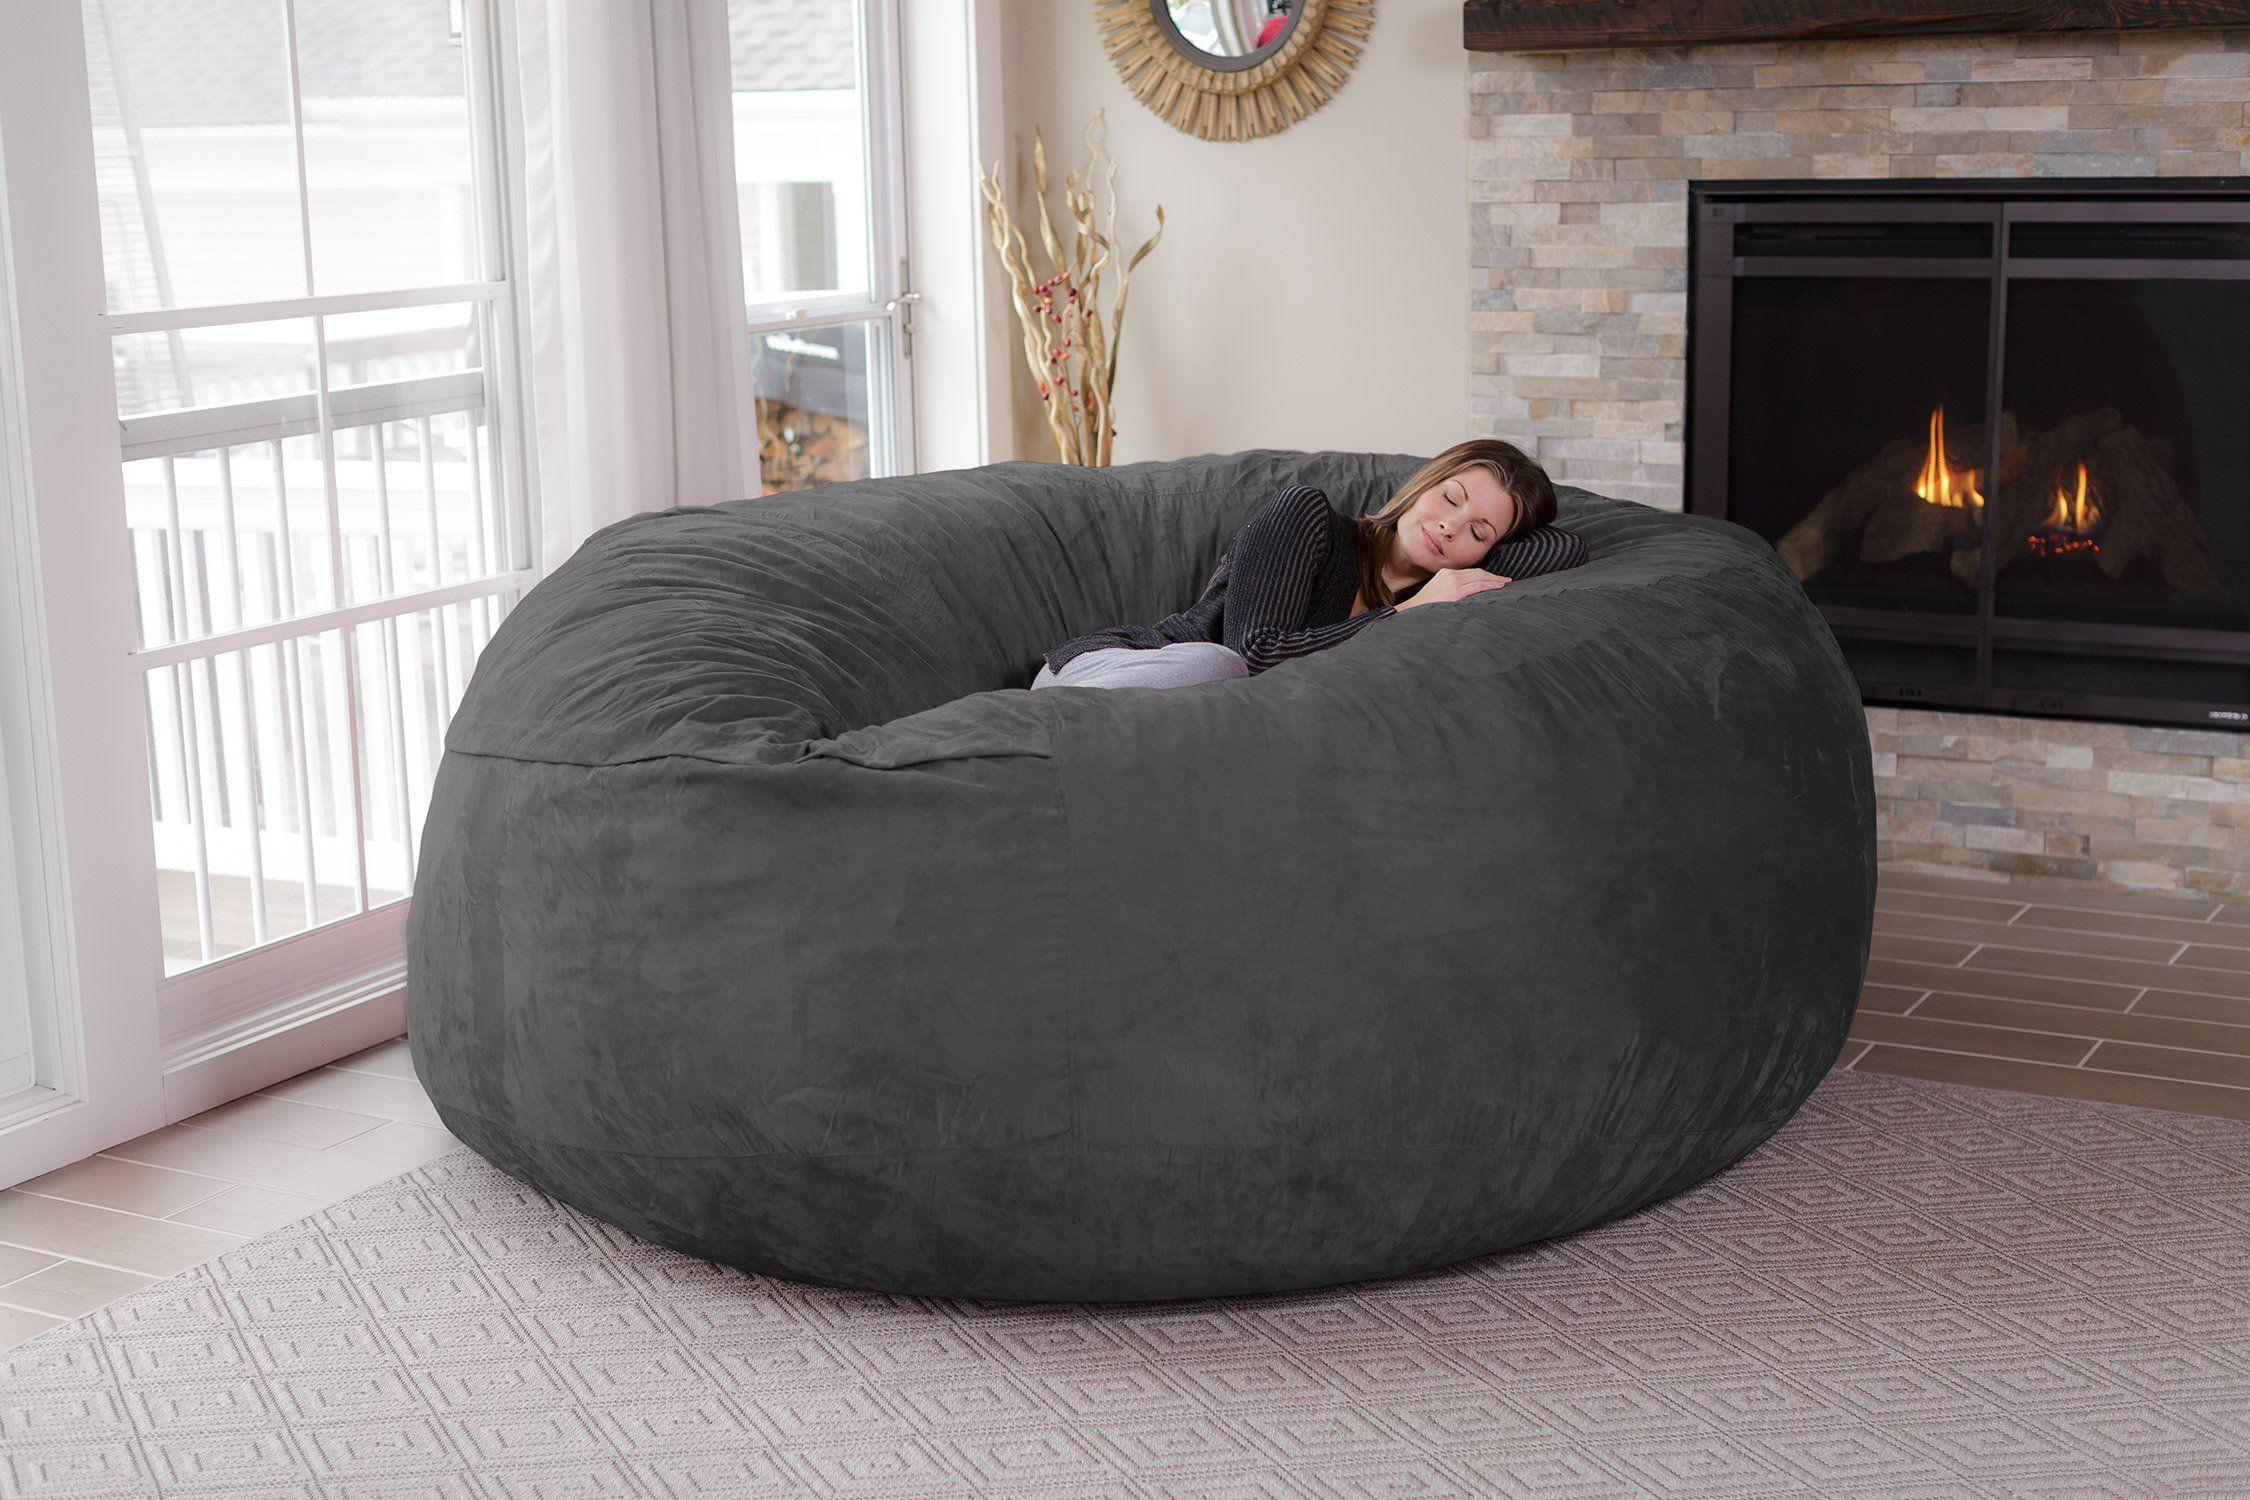 Chill Sack Chill Bag Bean Bags Bean Bag Chair Giant Memory Foam Furniture Bean Bag Big Sofa With Soft Mi Bean Bag Chair Giant Bean Bags Giant Bean Bag Chair